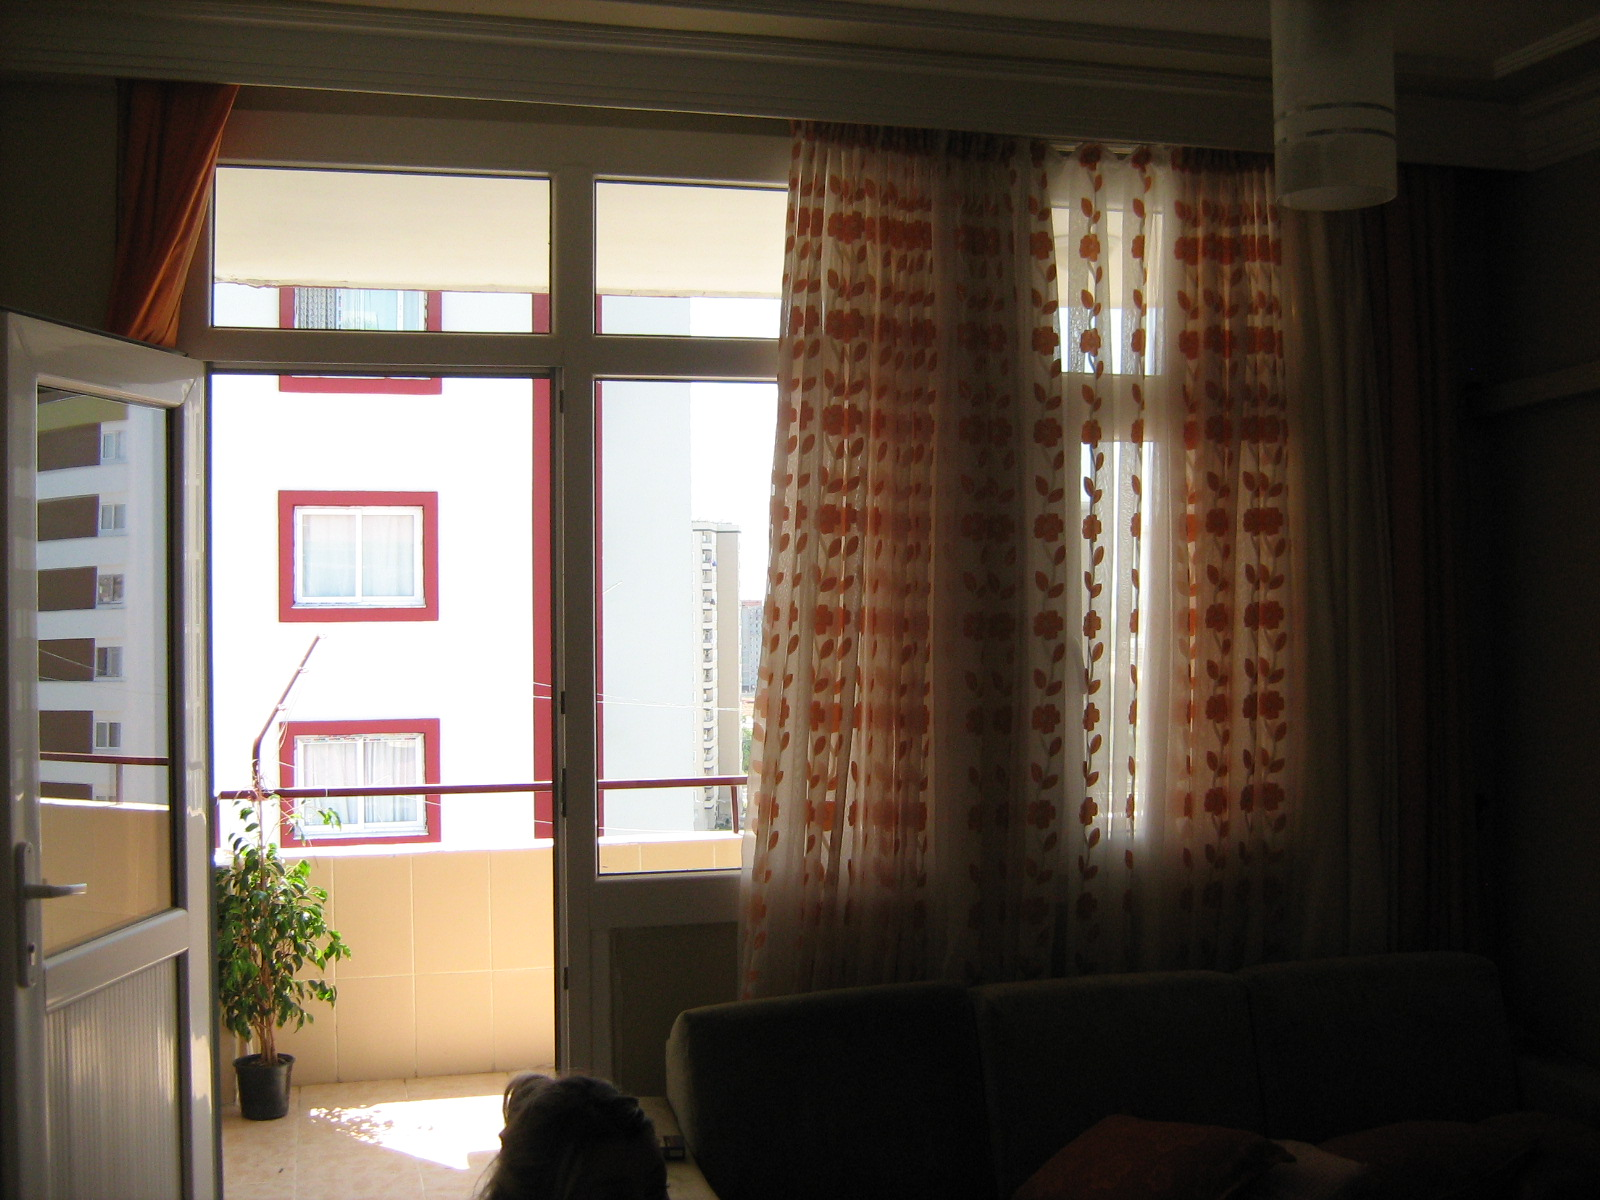 Yatak Odasını Boydan Boya Kaplayacak Duvar Kağıtları